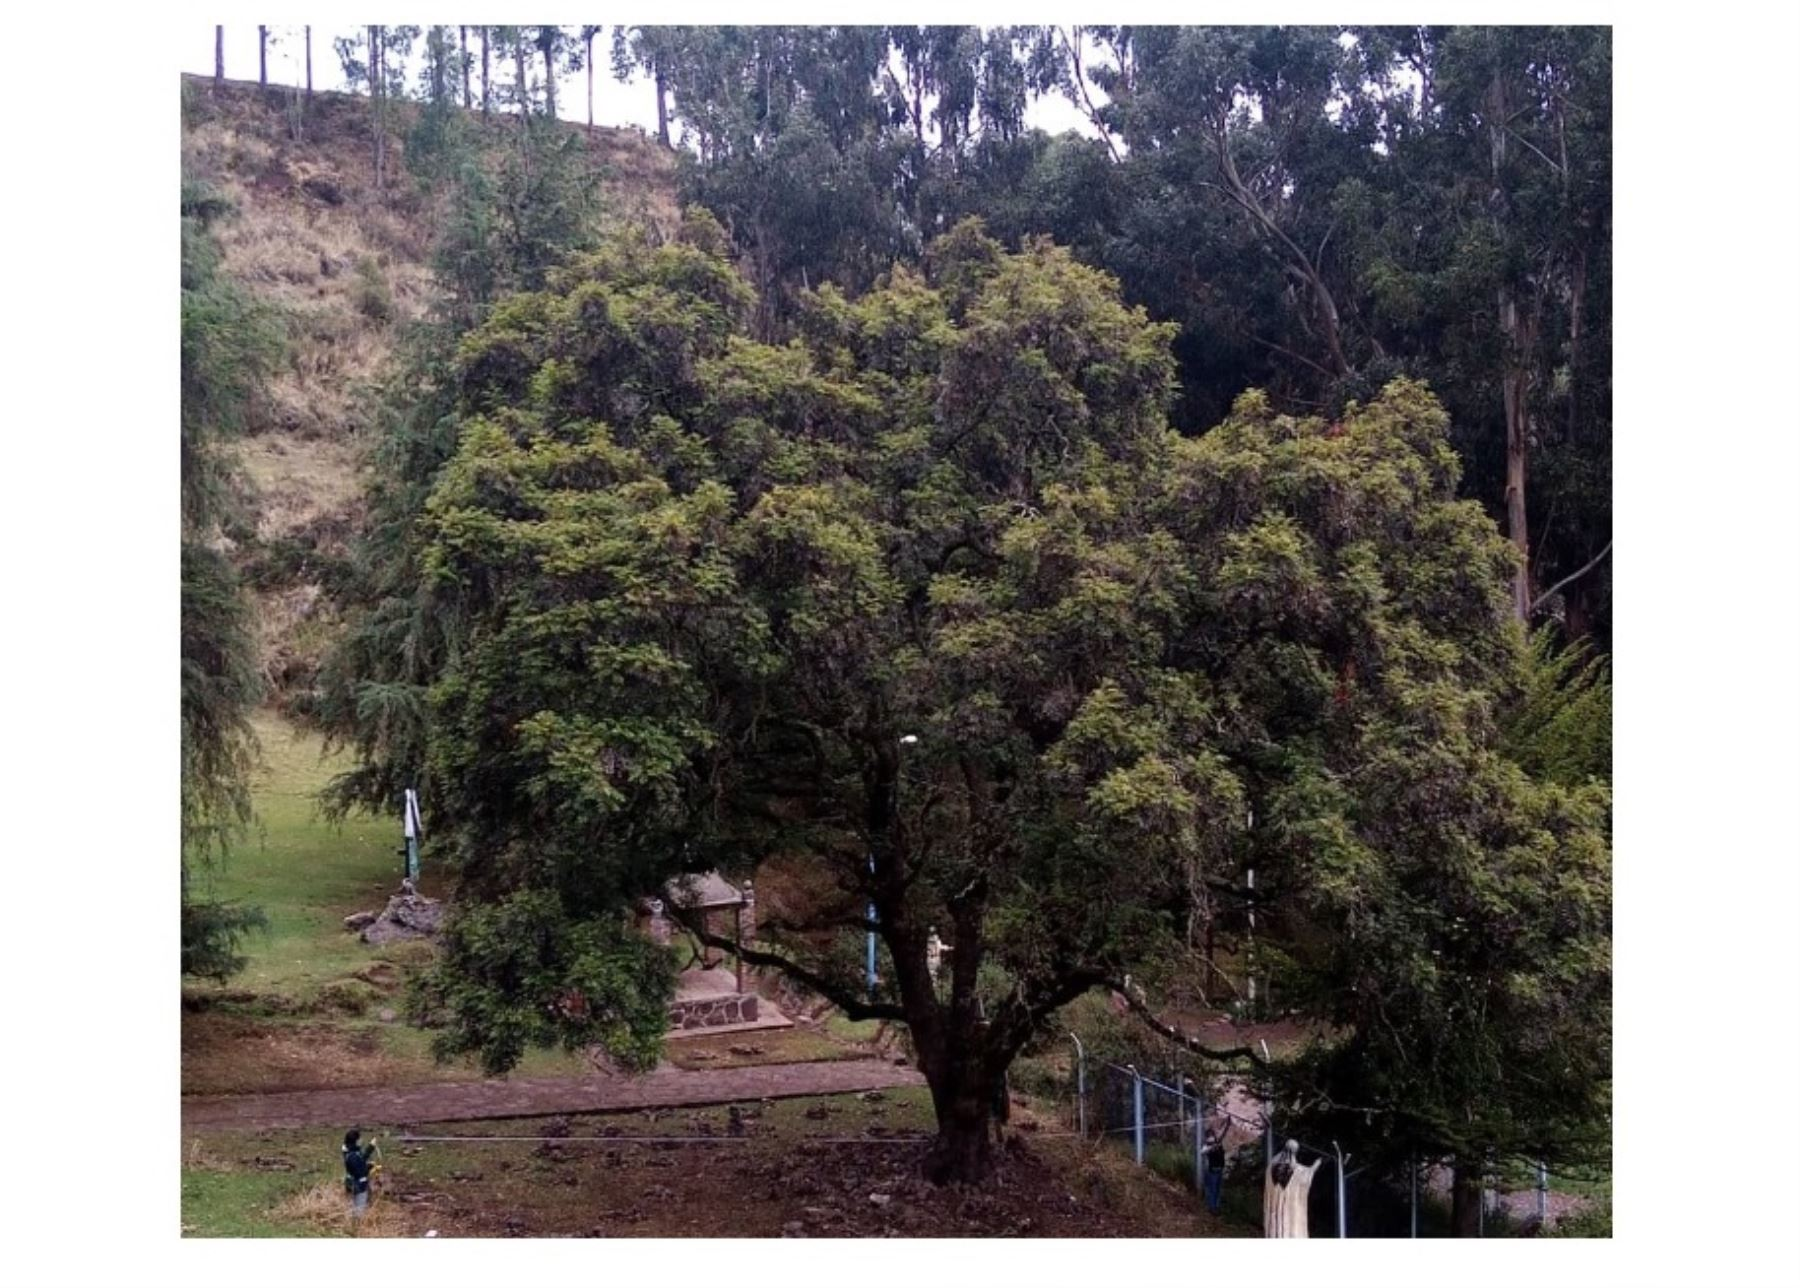 Cusco declarará como patrimoniales a dos árboles emblemáticos de 150 y 200 años ubicados en los santuarios del Señor de Huanca y la Virgen del Rosario de Huallhua, en la provincia de Calca.